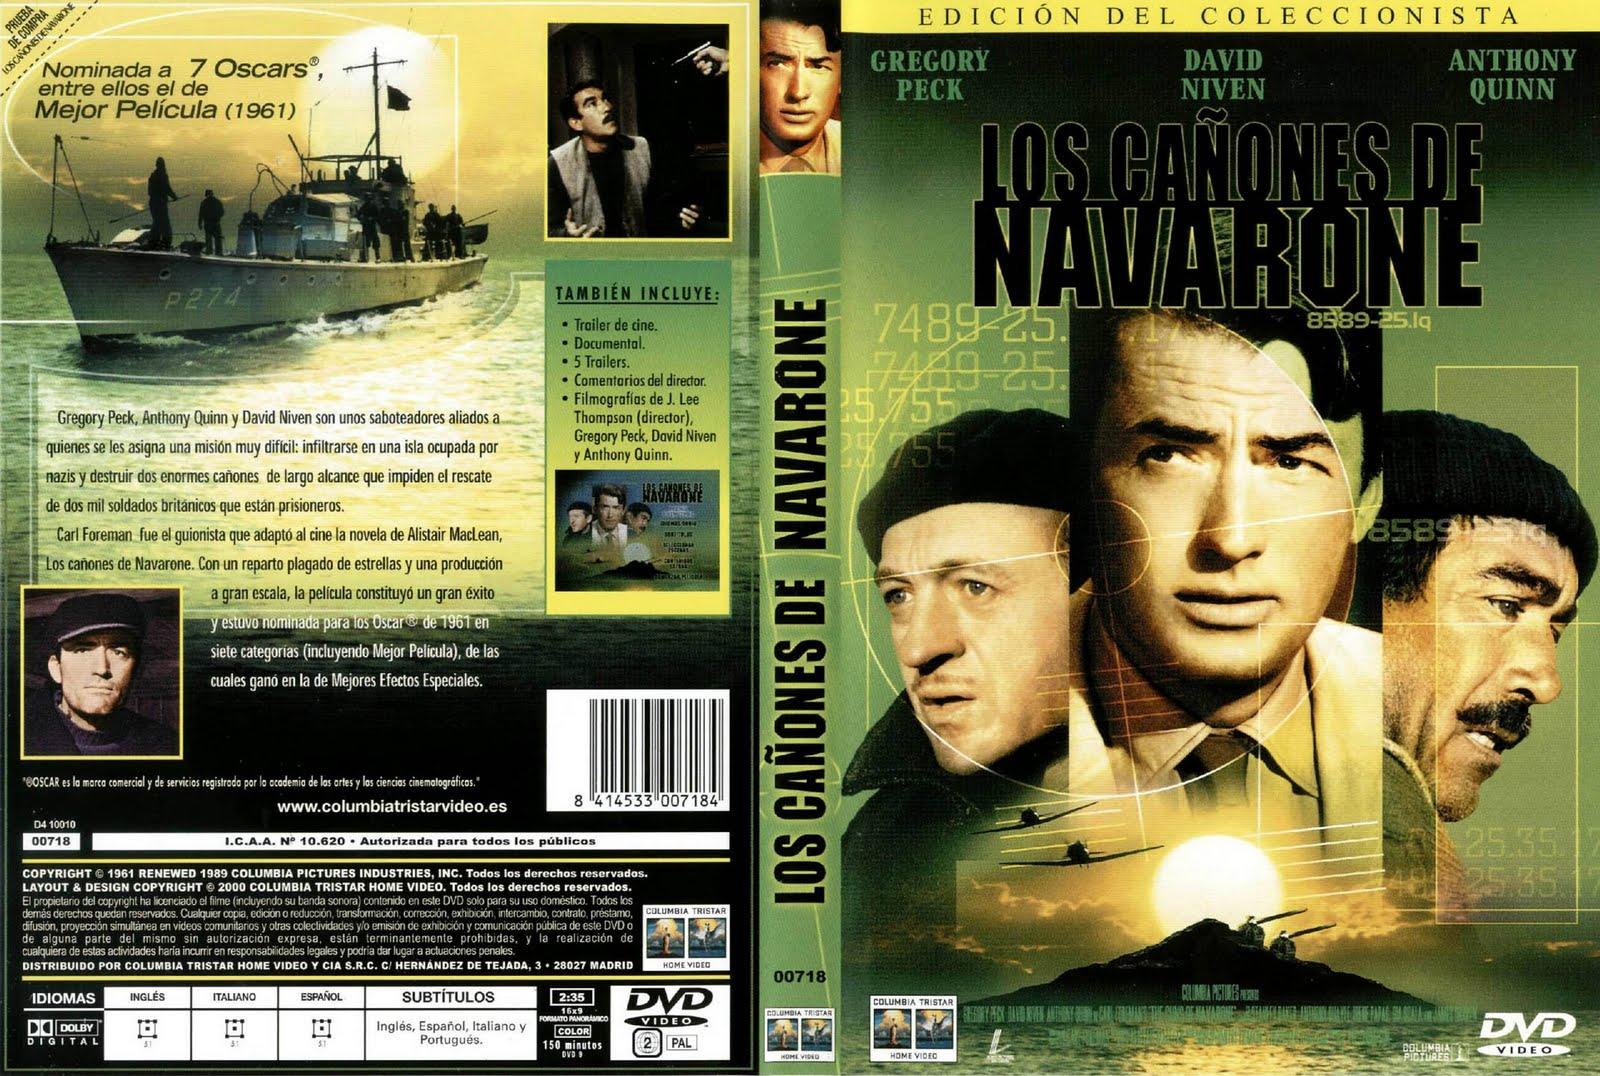 Los cañones de Navarone (1961 - The Guns of Navarone)